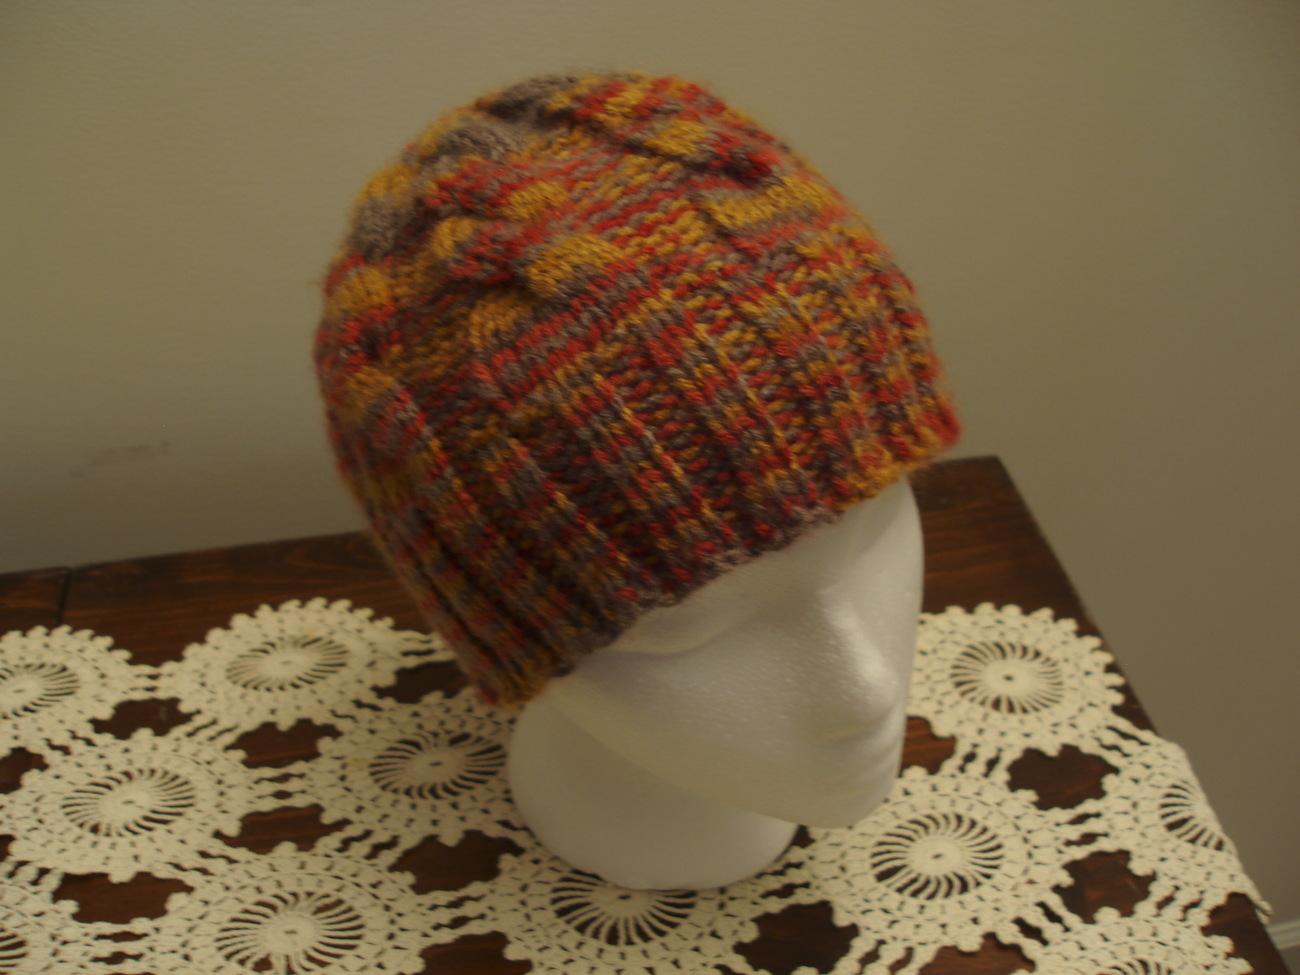 Hat knit child's autumn colors